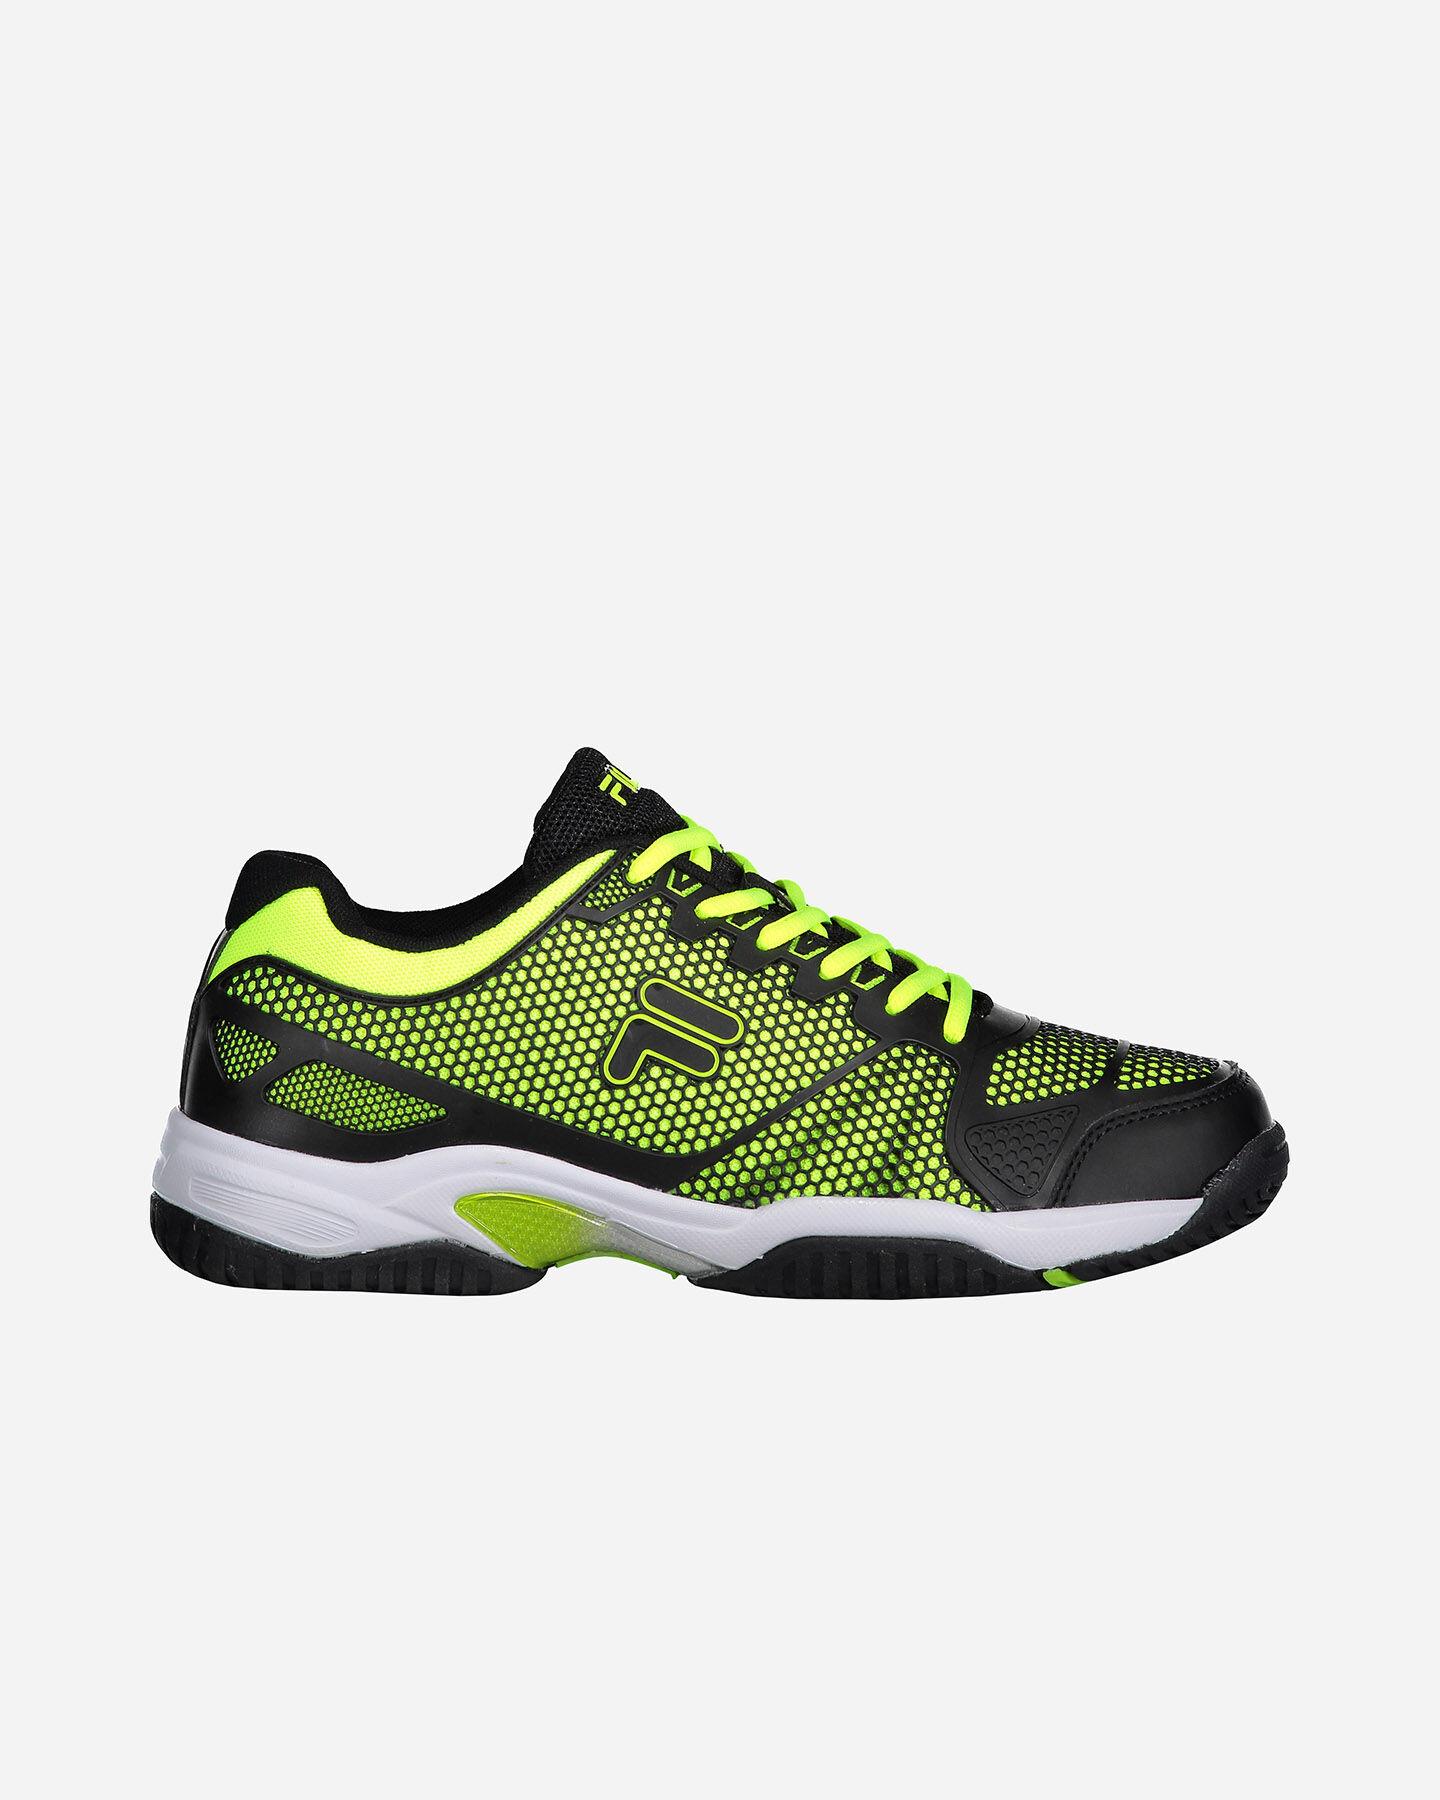 scarpe fila 2019 nova